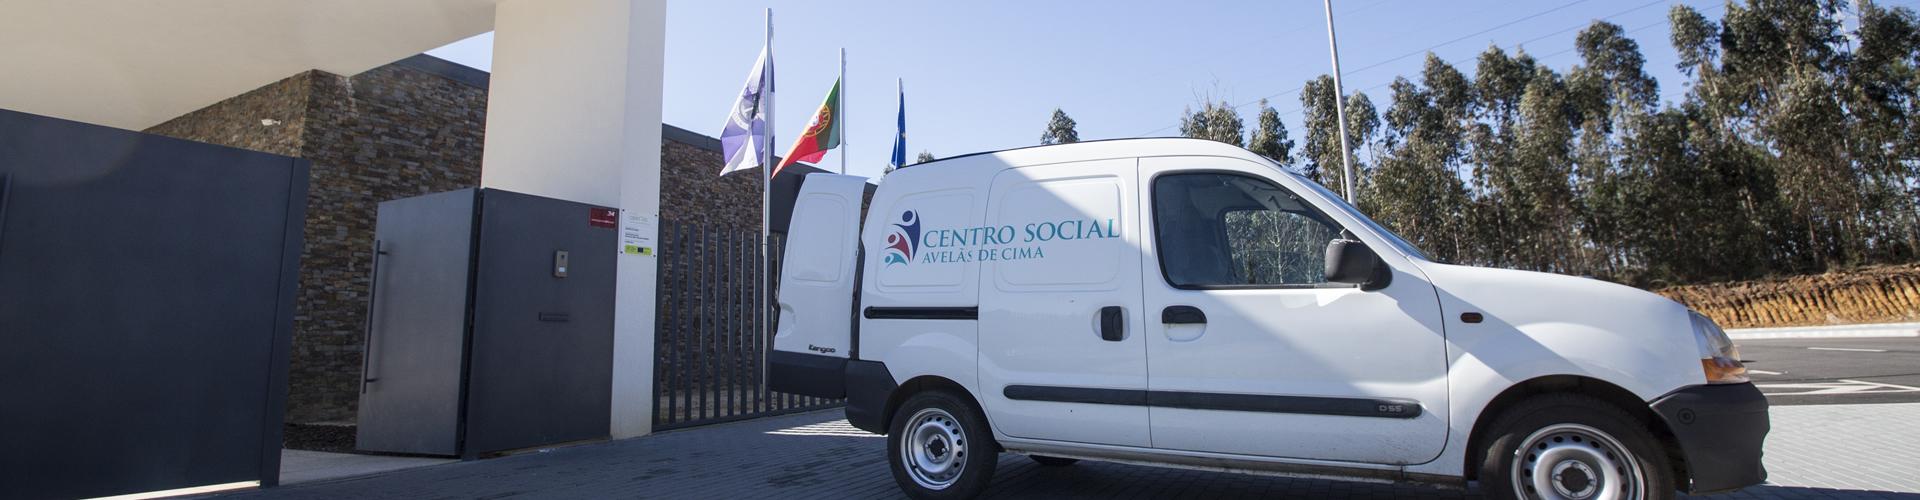 Ação Social - Ação Social